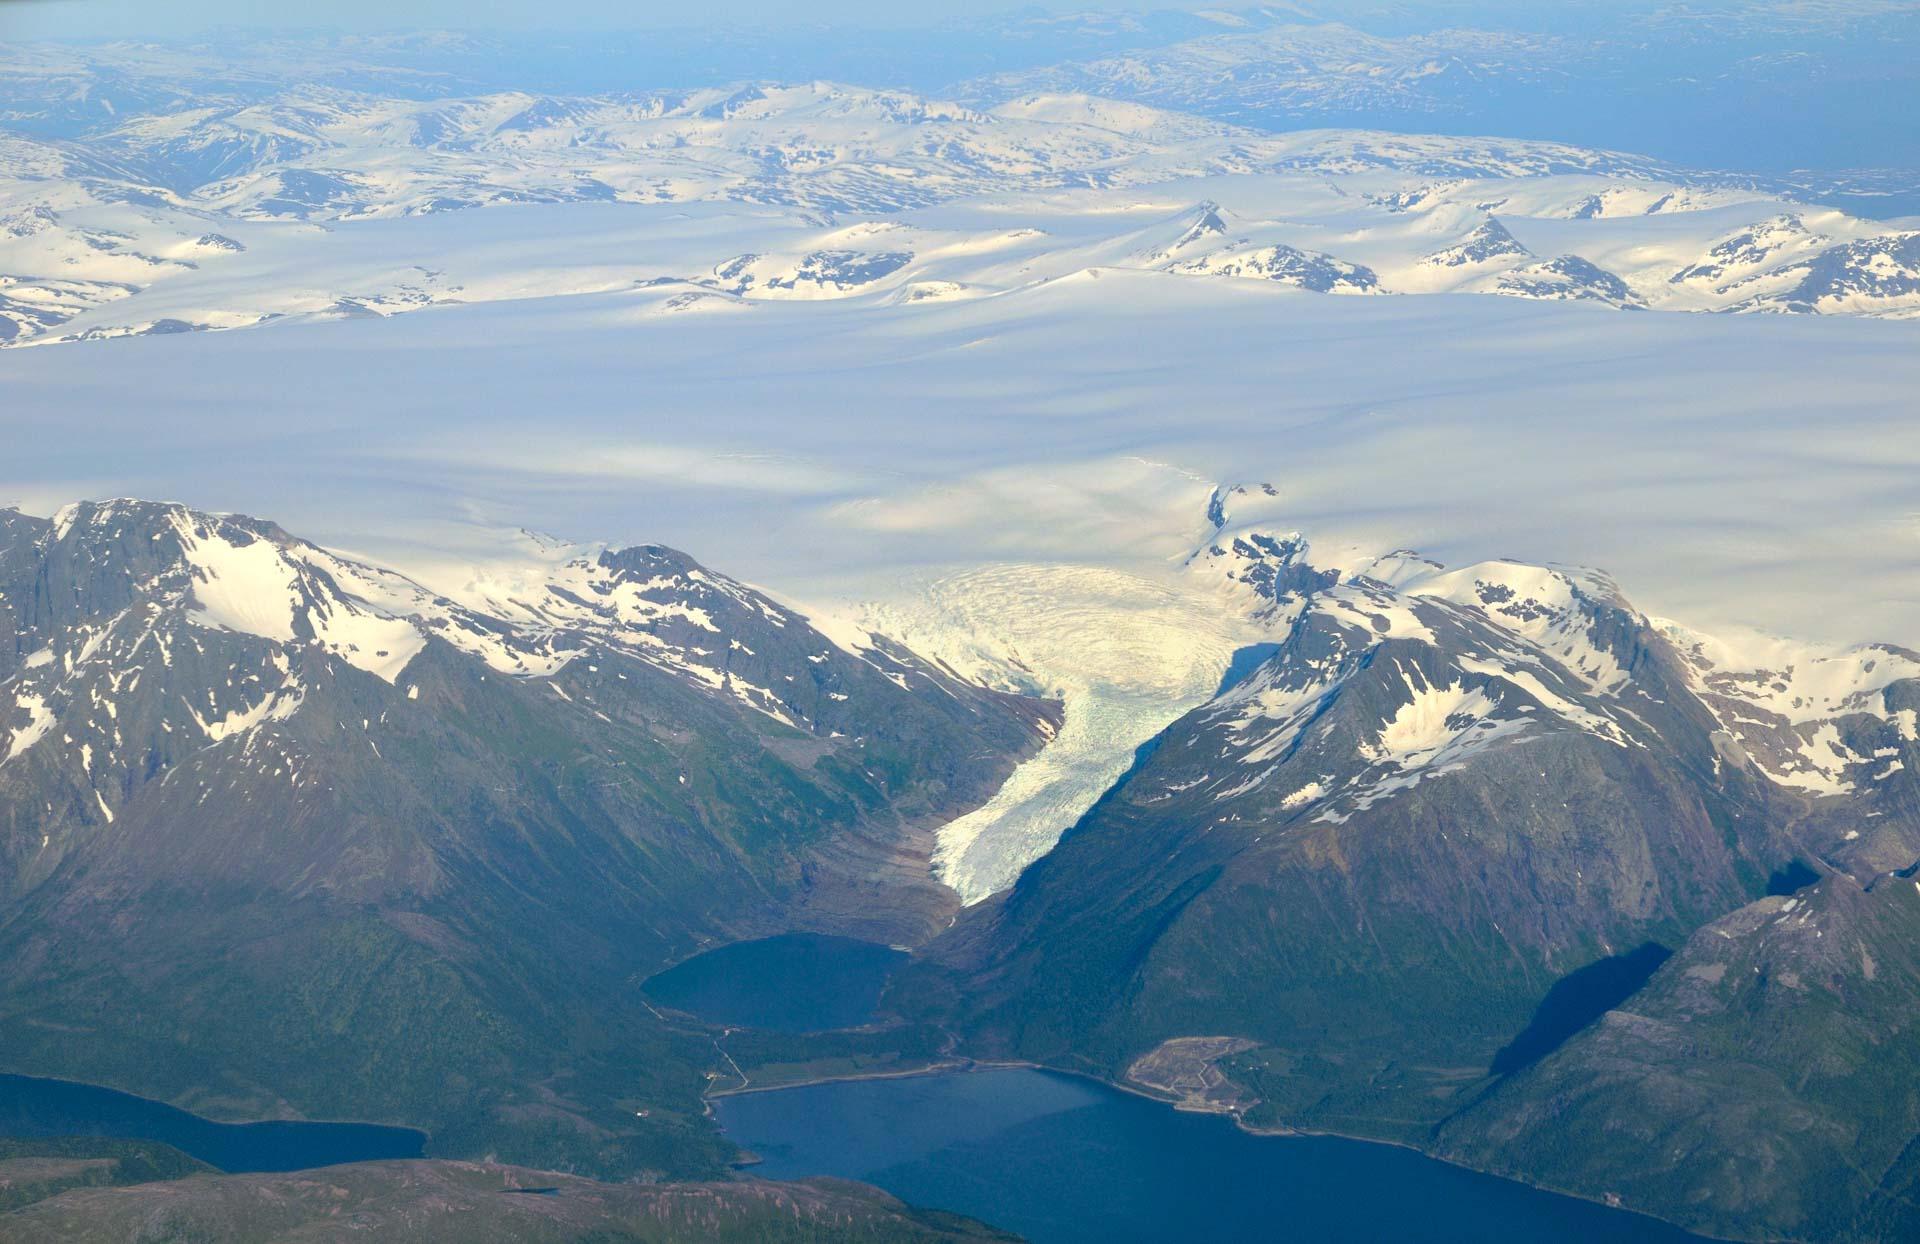 Den gigantiske isbreen Svartisen er grunnlaget for det hele © Steinar Skaar / Statens vegvesen